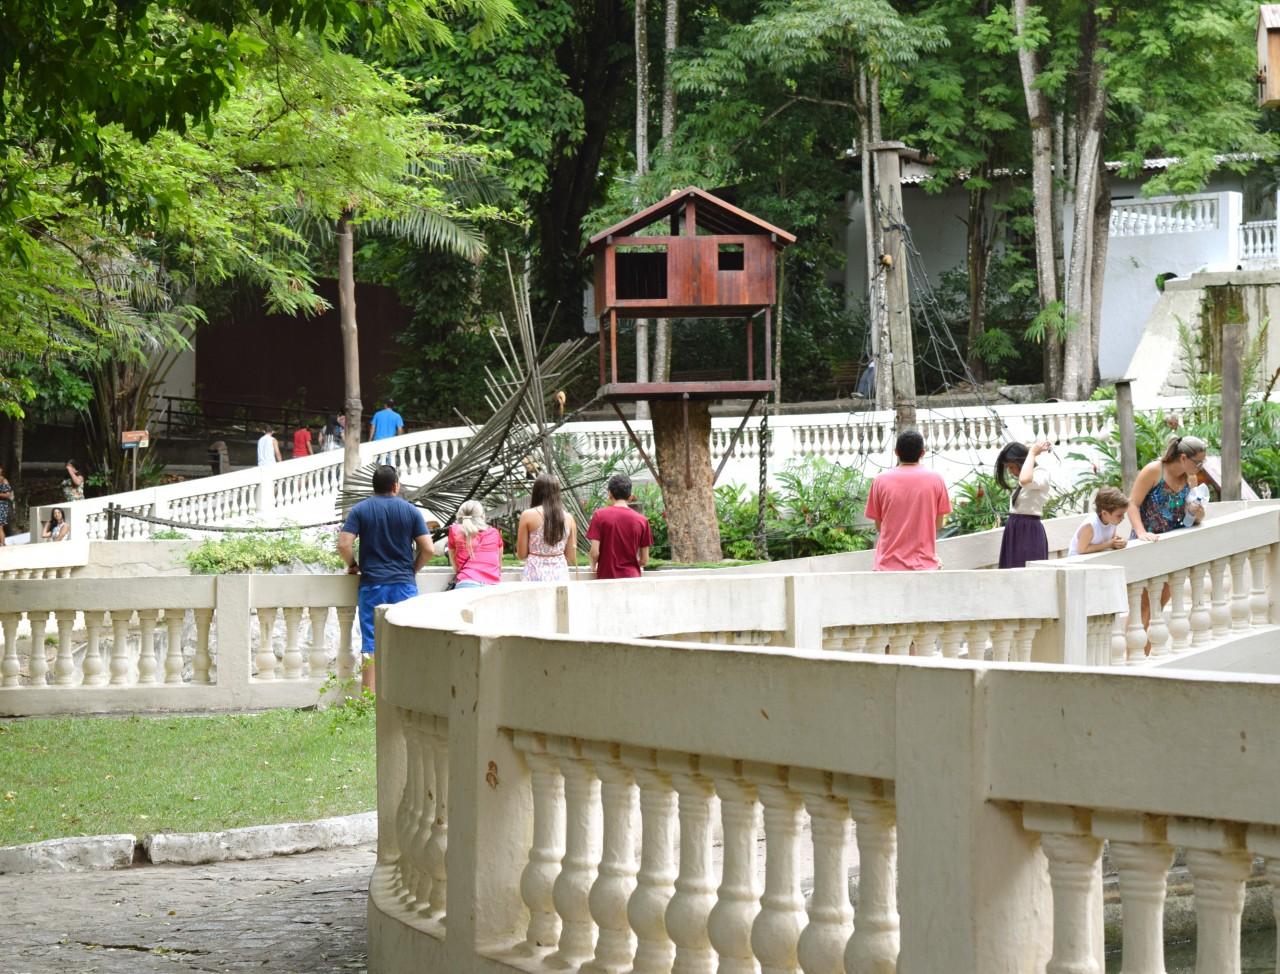 bica - Parque da Bica reabre nesta quinta-feira (15) com novos protocolos de funcionamento